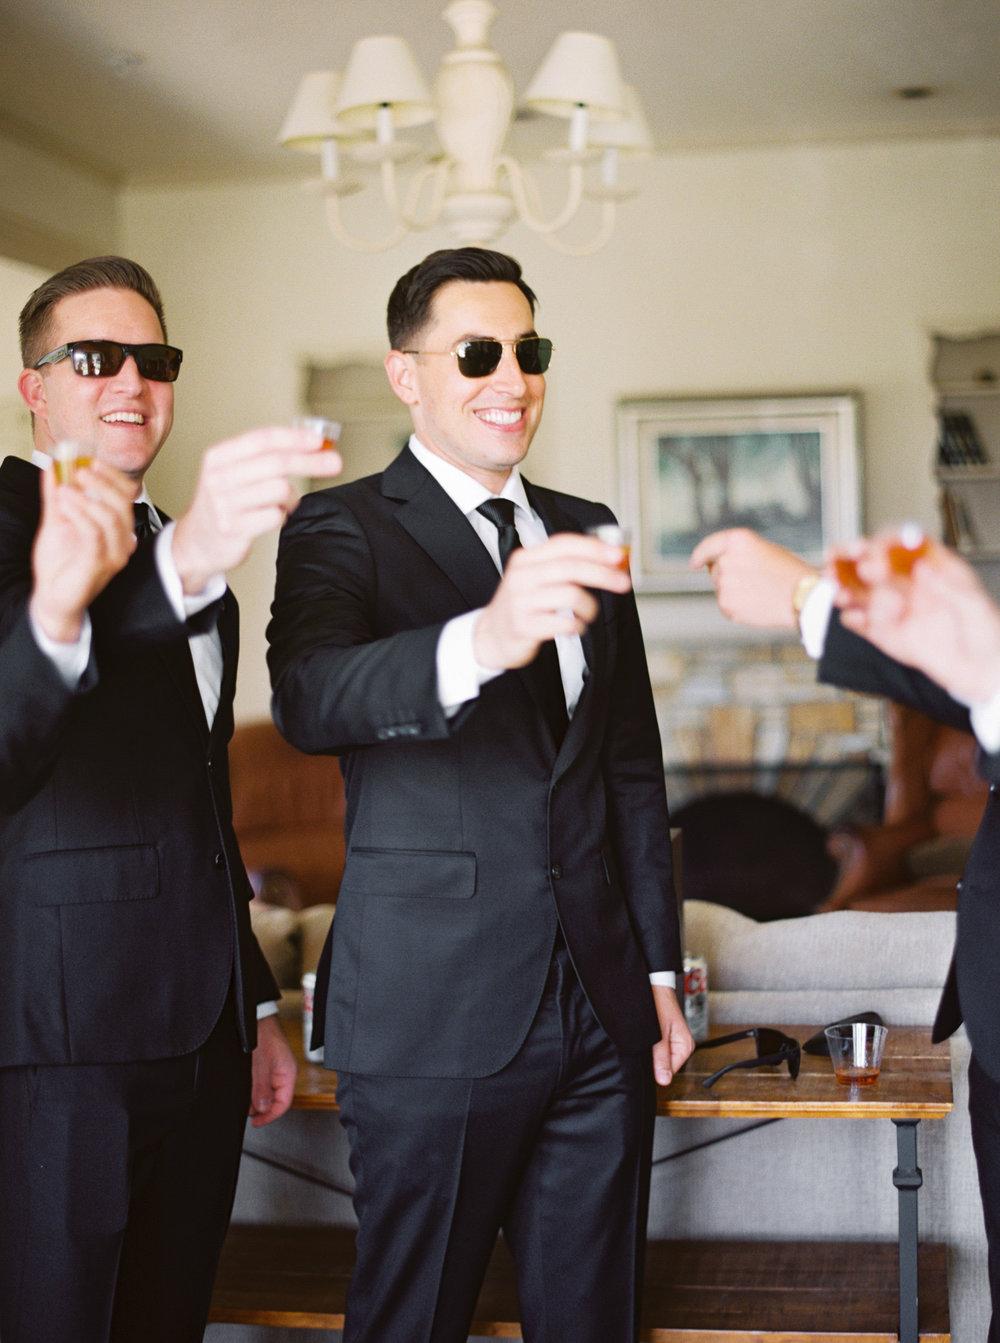 027carmel_california_destination_wedding_photography_wedding_videography_mission_ranch.jpg